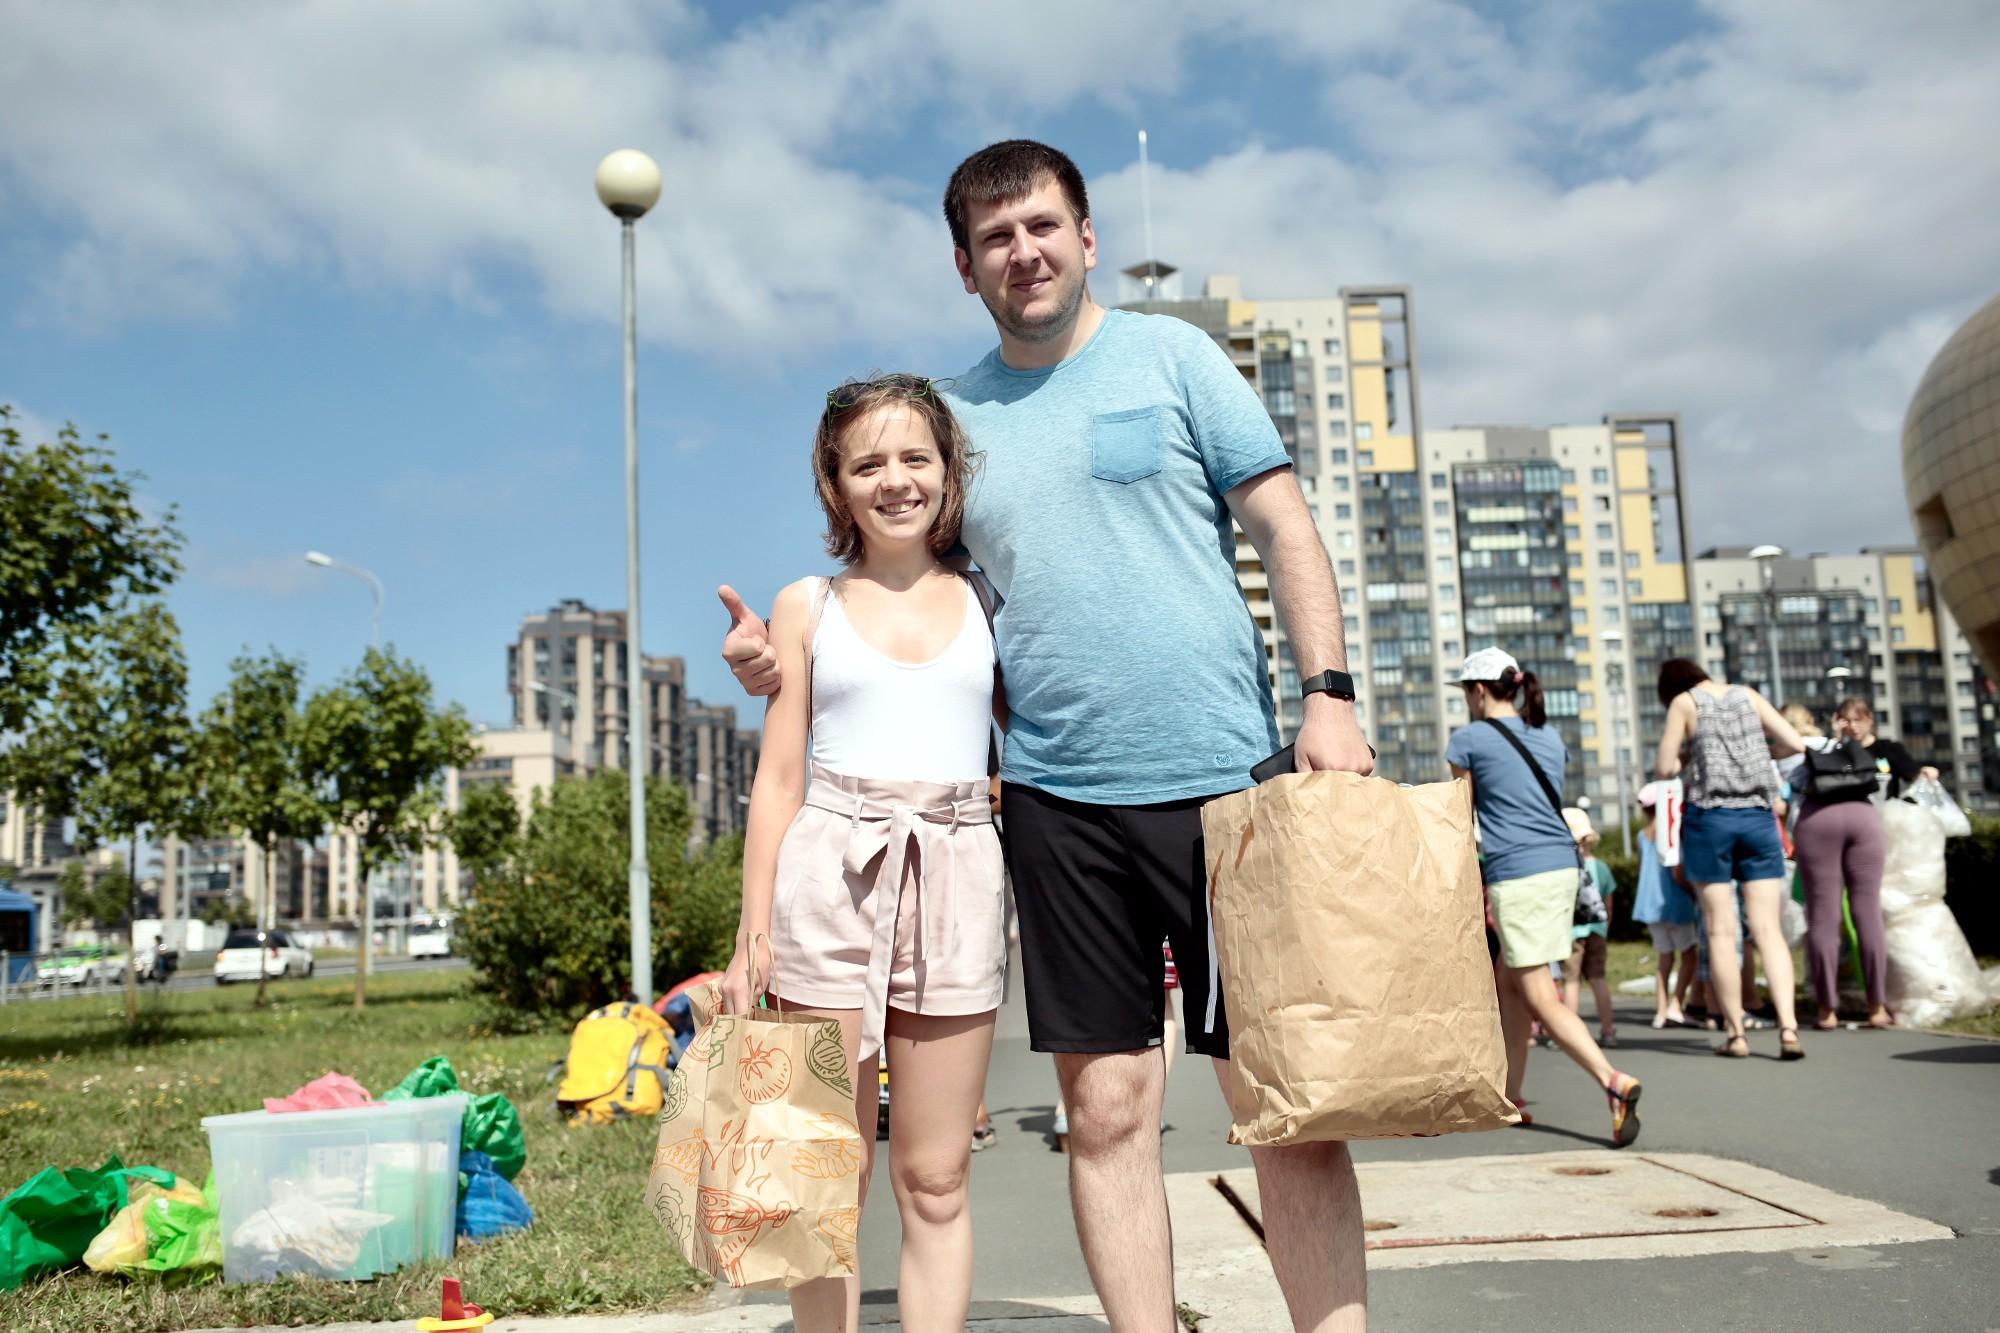 раздельный сбор вторсырья опрос диалоги на улицах Денис и Кристина